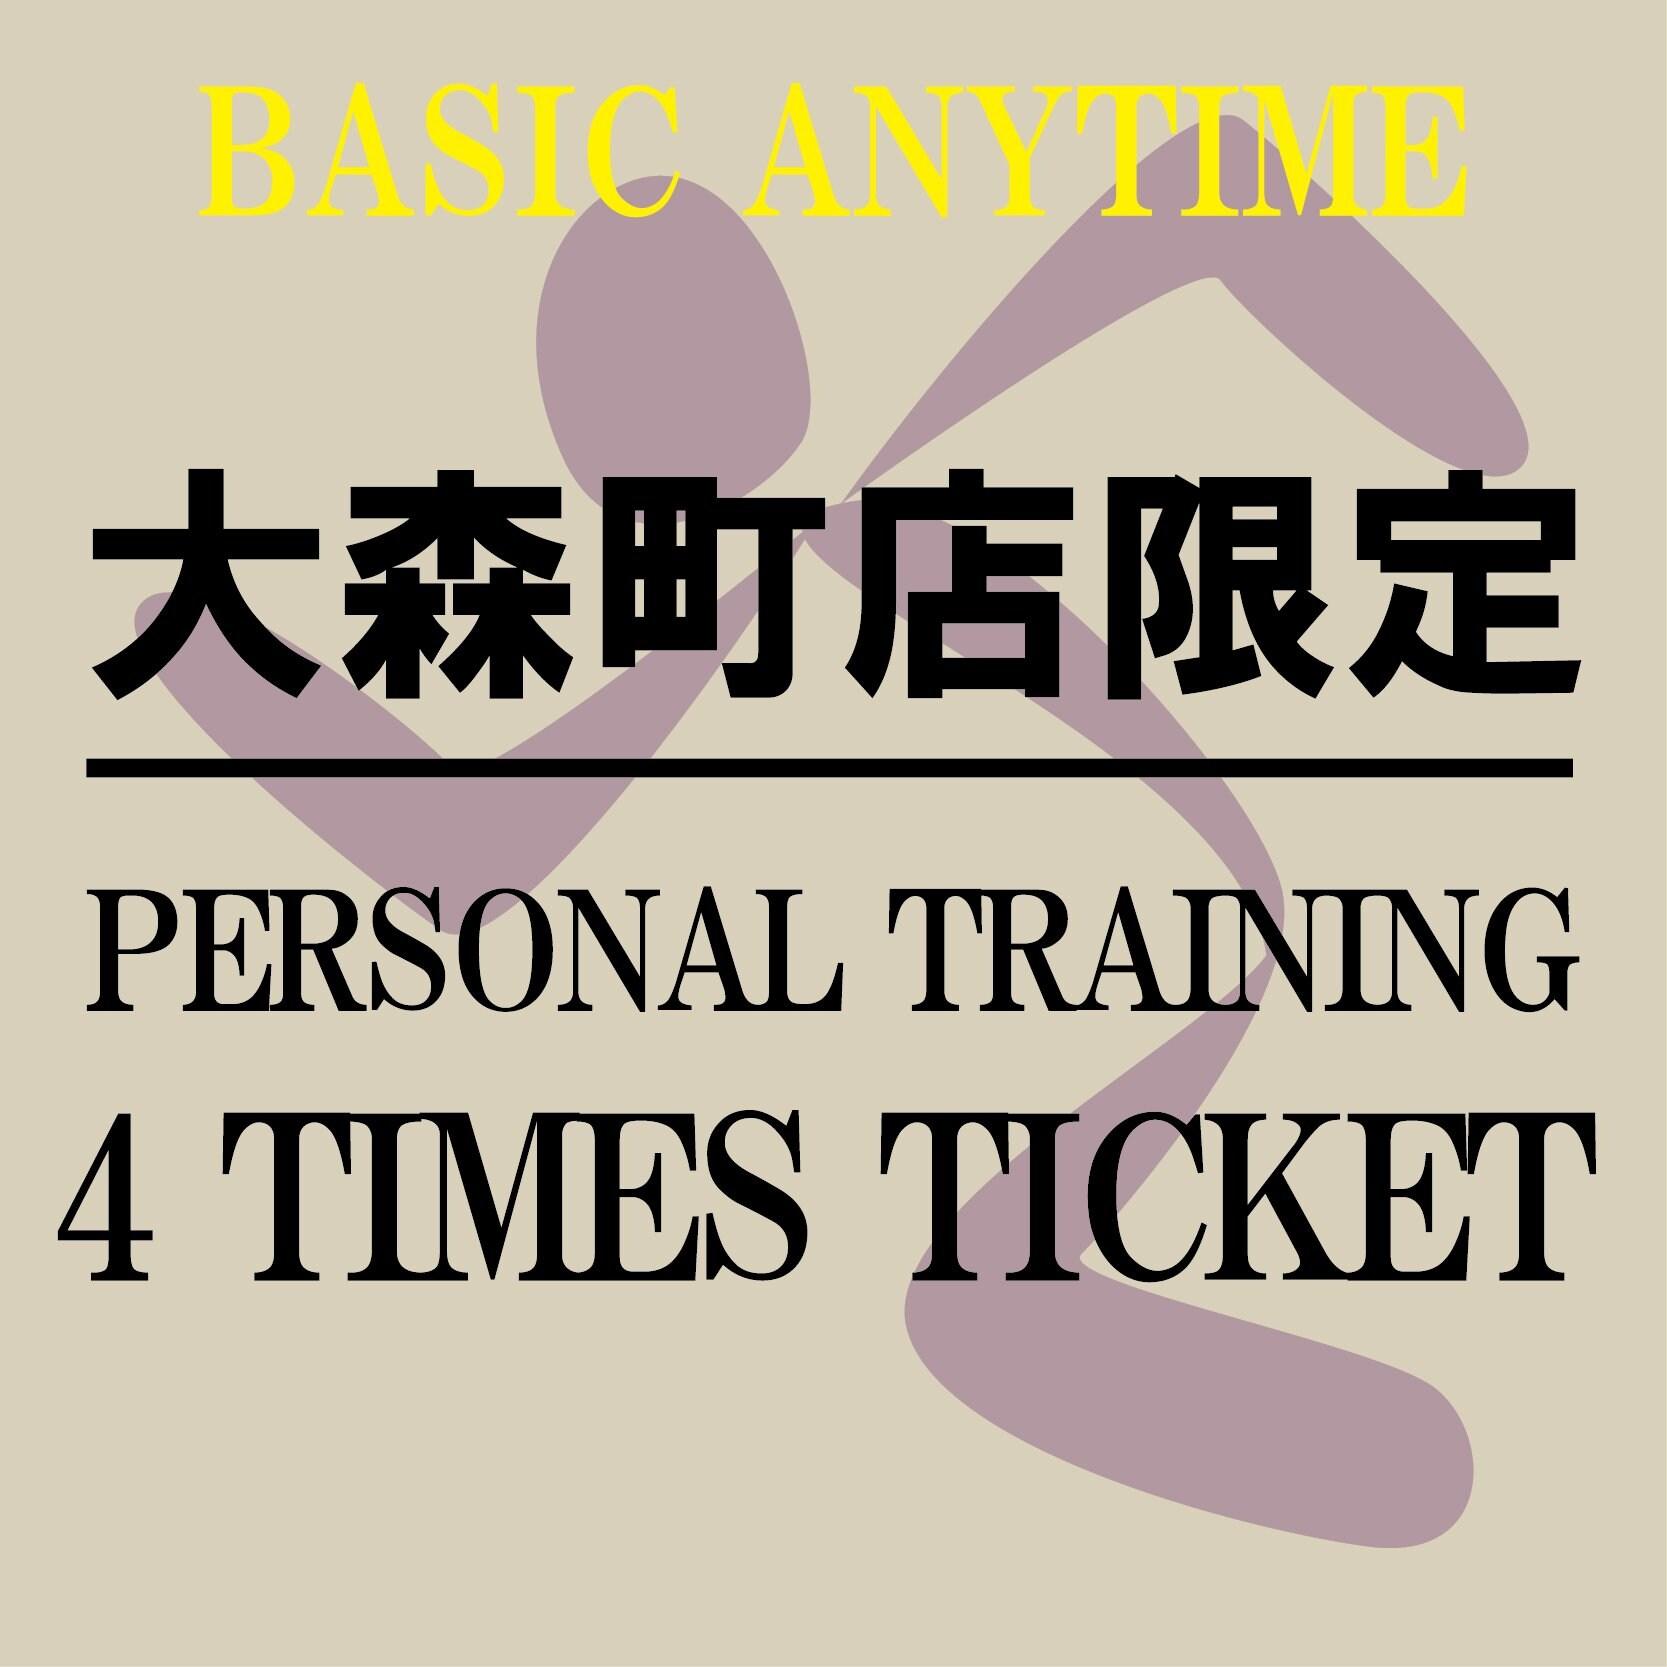 パーソナルトレーニング60分4回チケット〜ANYTIME BASIC〜[エニタイムフィットネス大森町店限定]のイメージその1